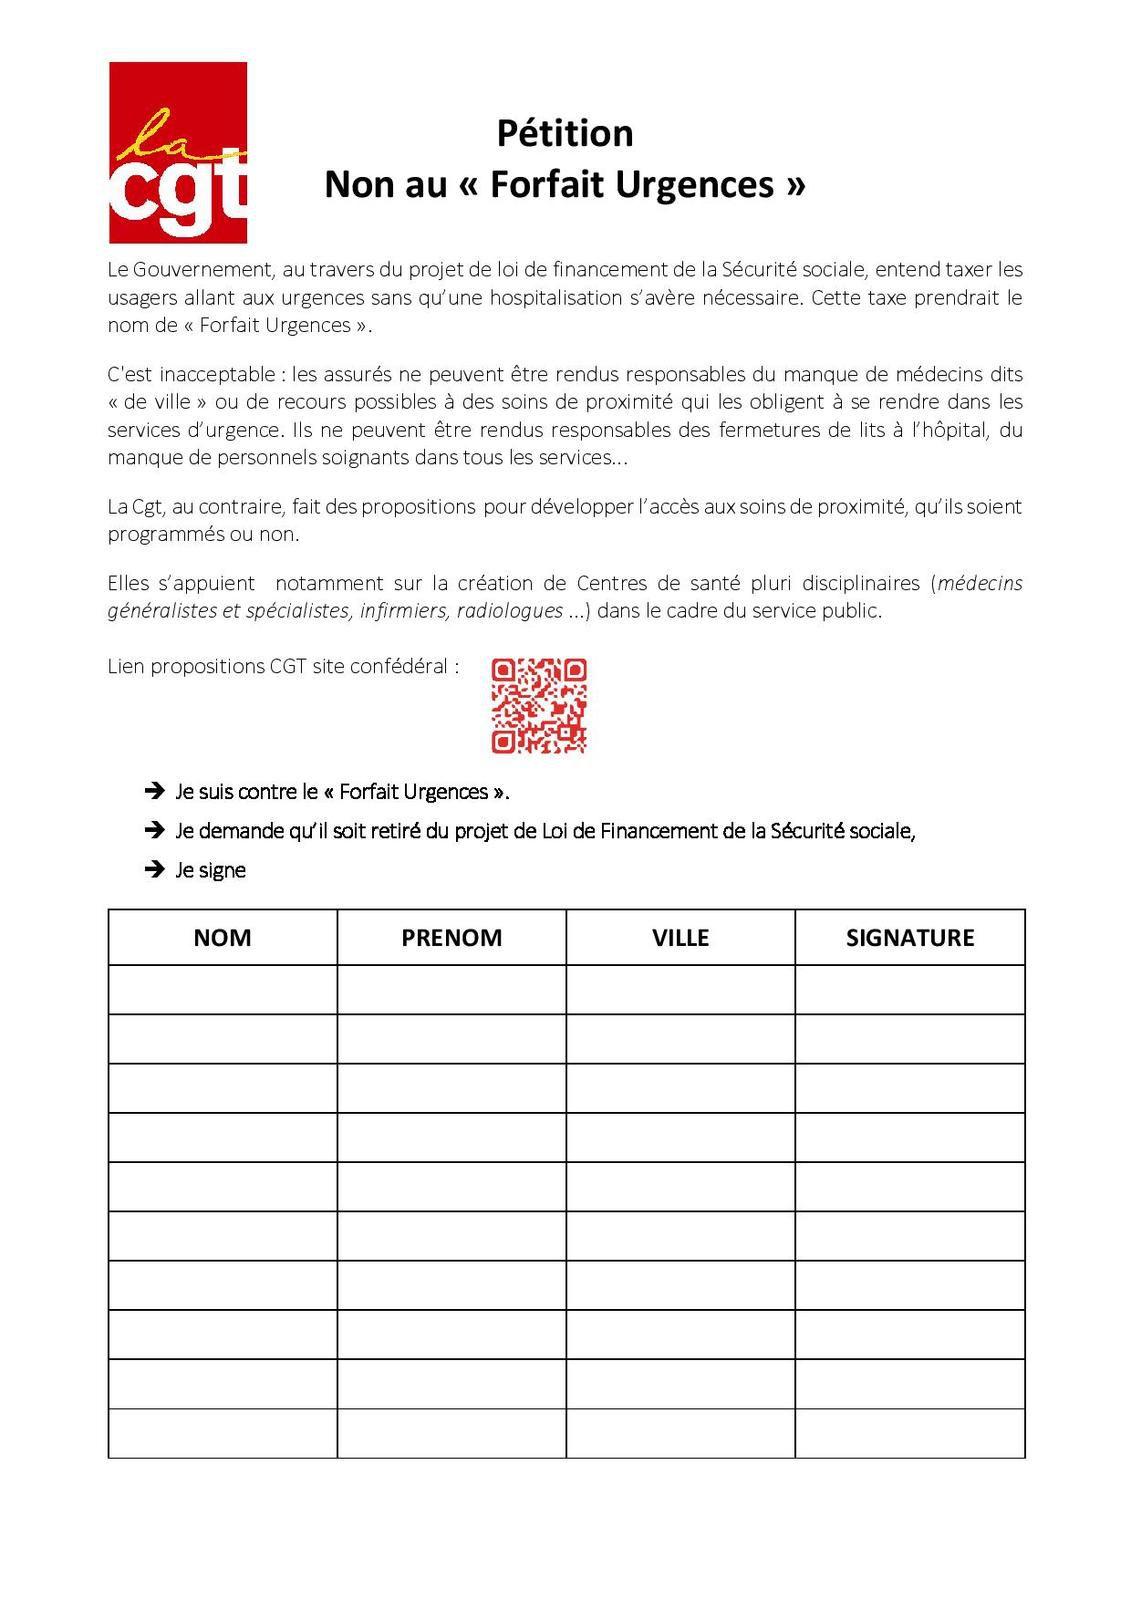 CGT : Pétition NON au forfait urgences ...